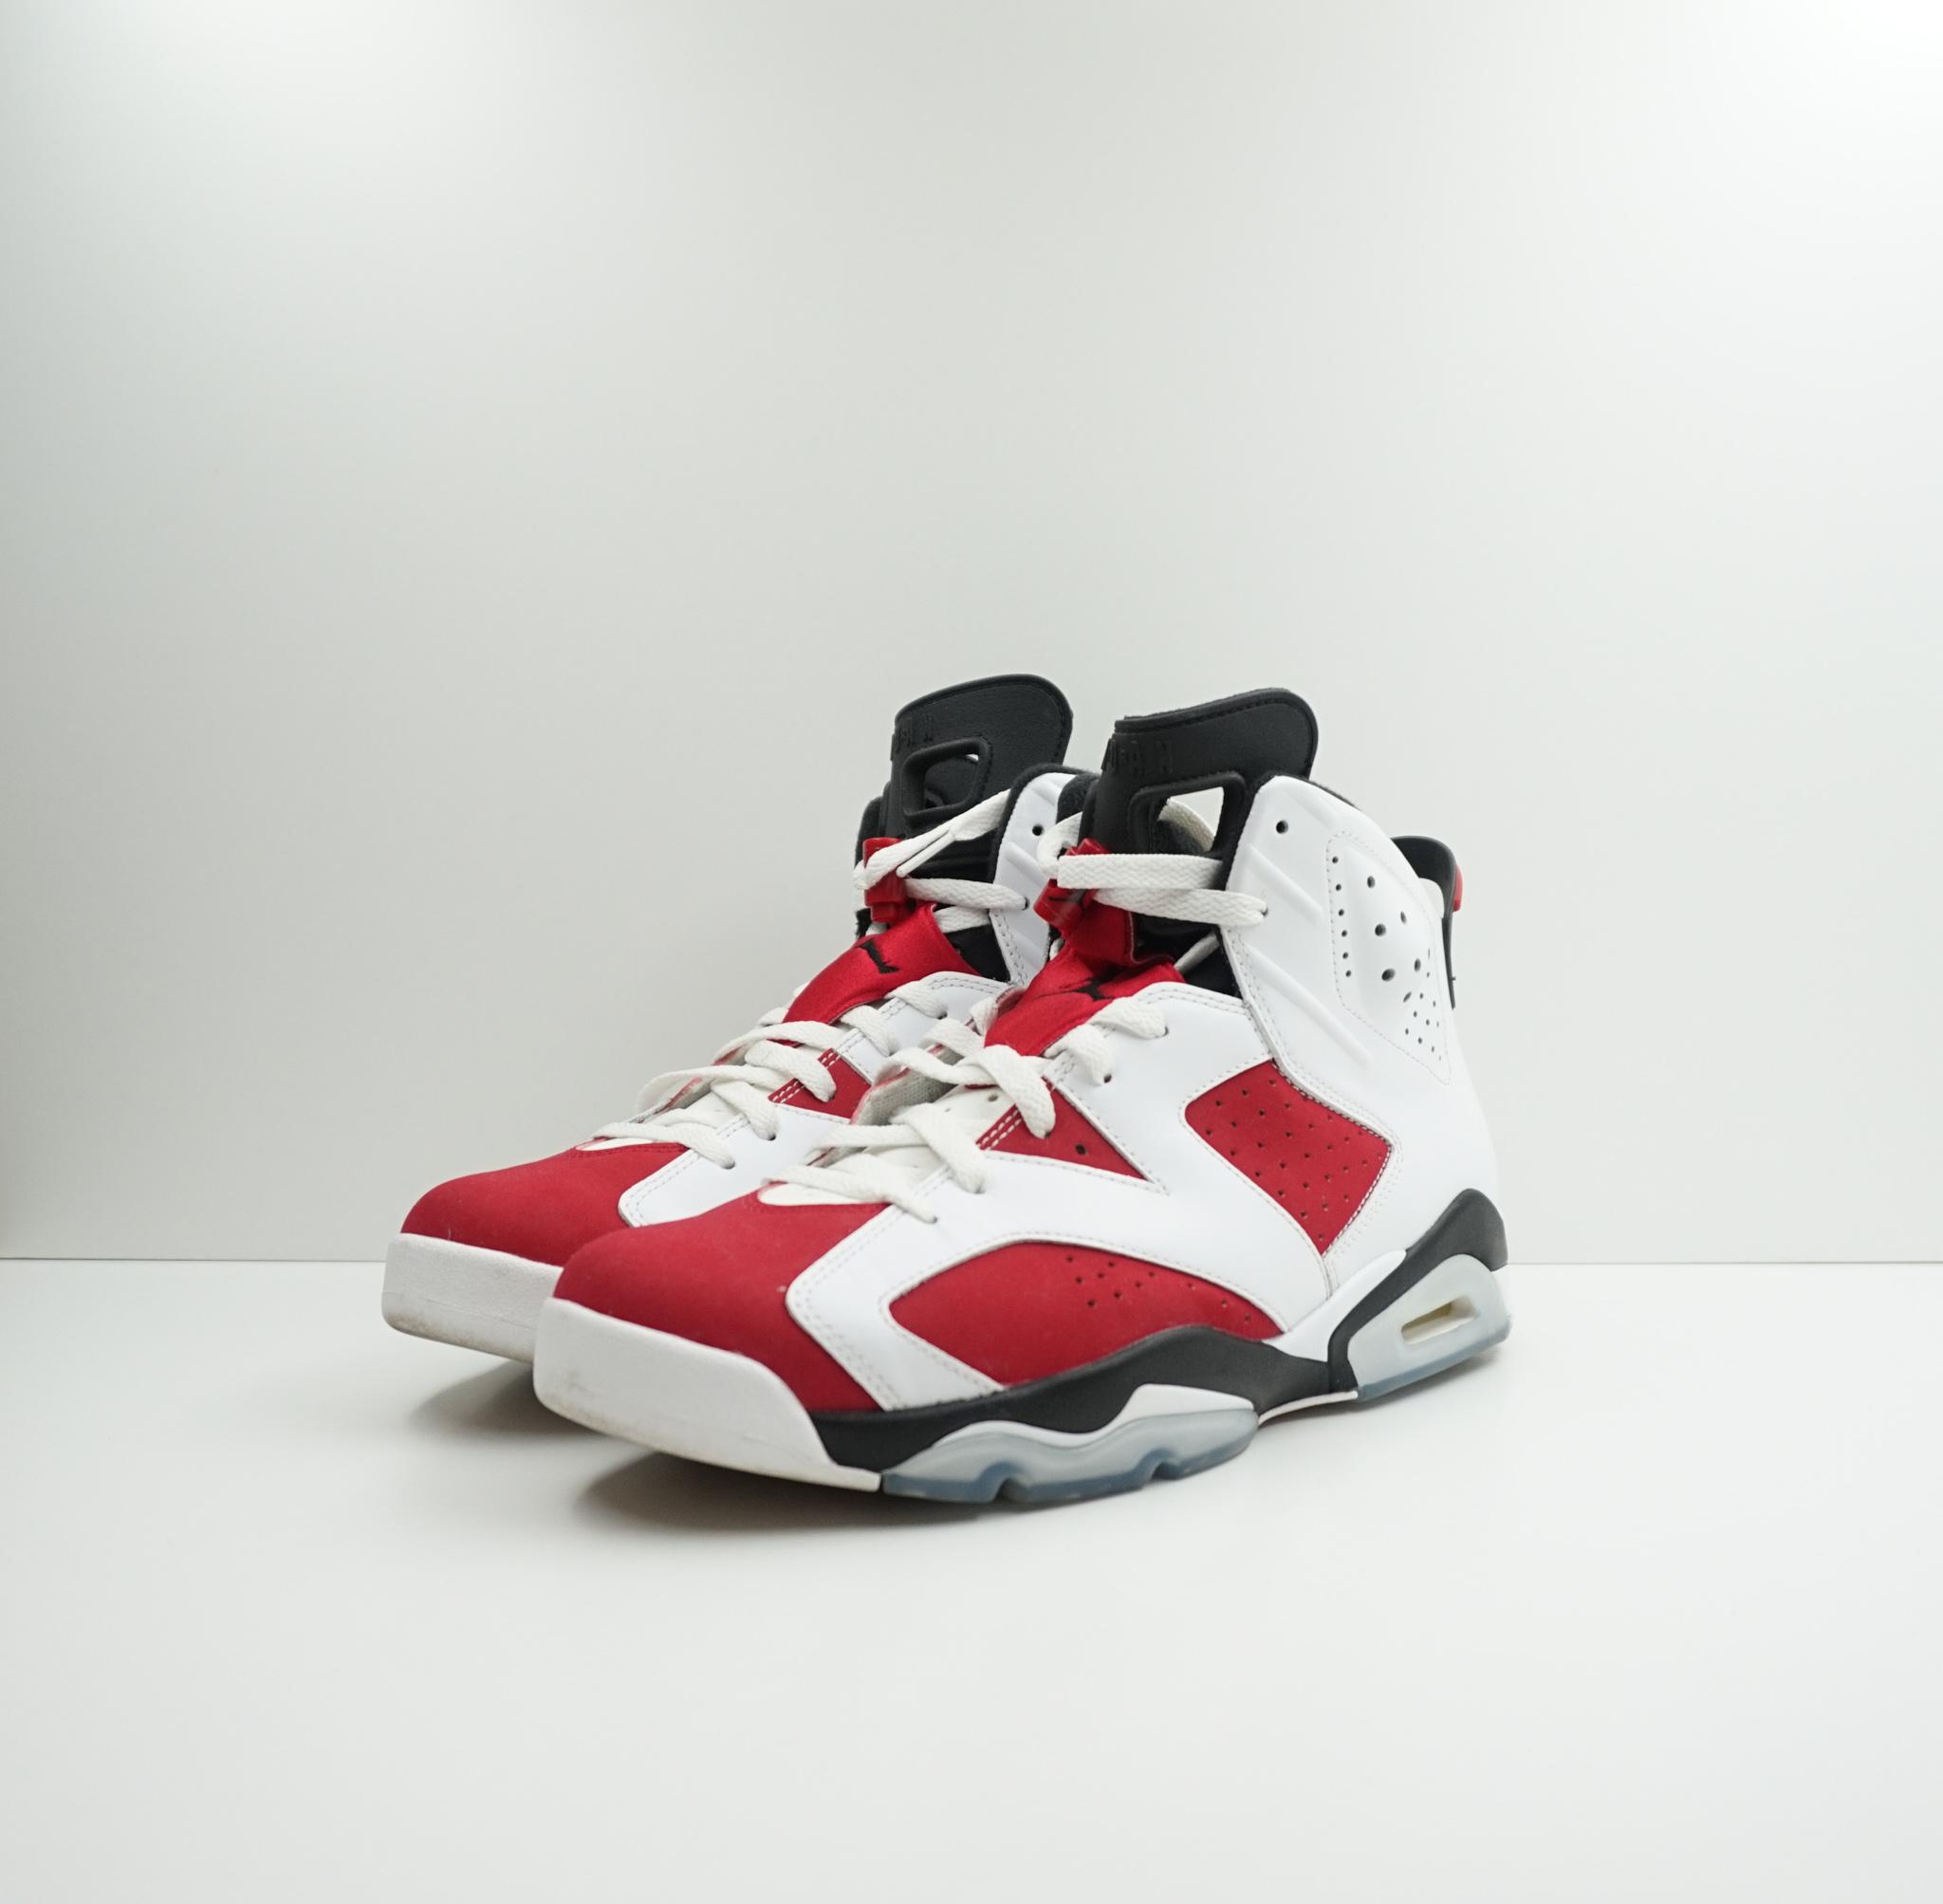 Jordan 6 Retro Carmine (2014)